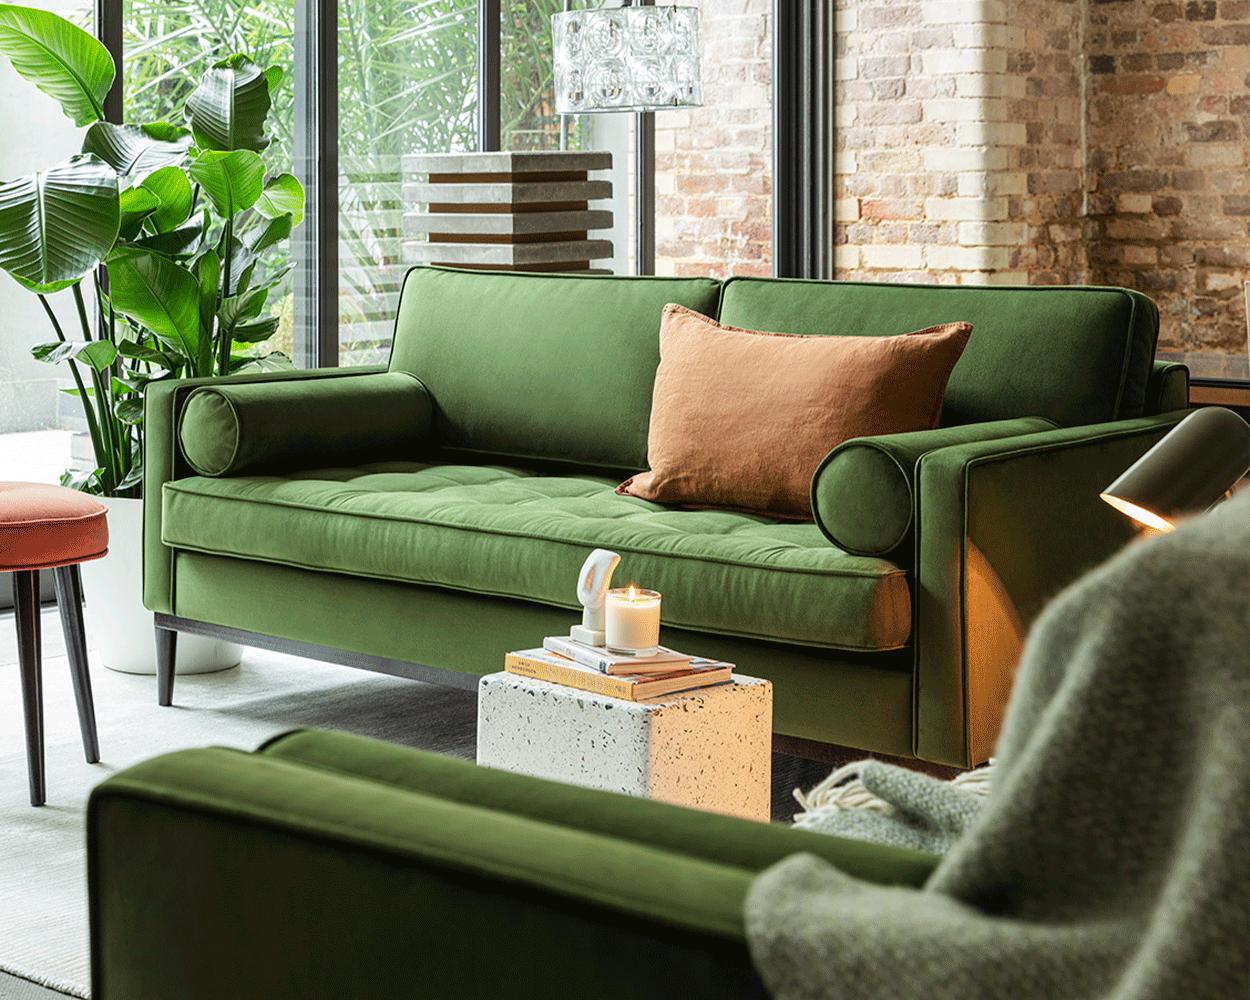 Model 02 Sofa Set in Vine Velvet